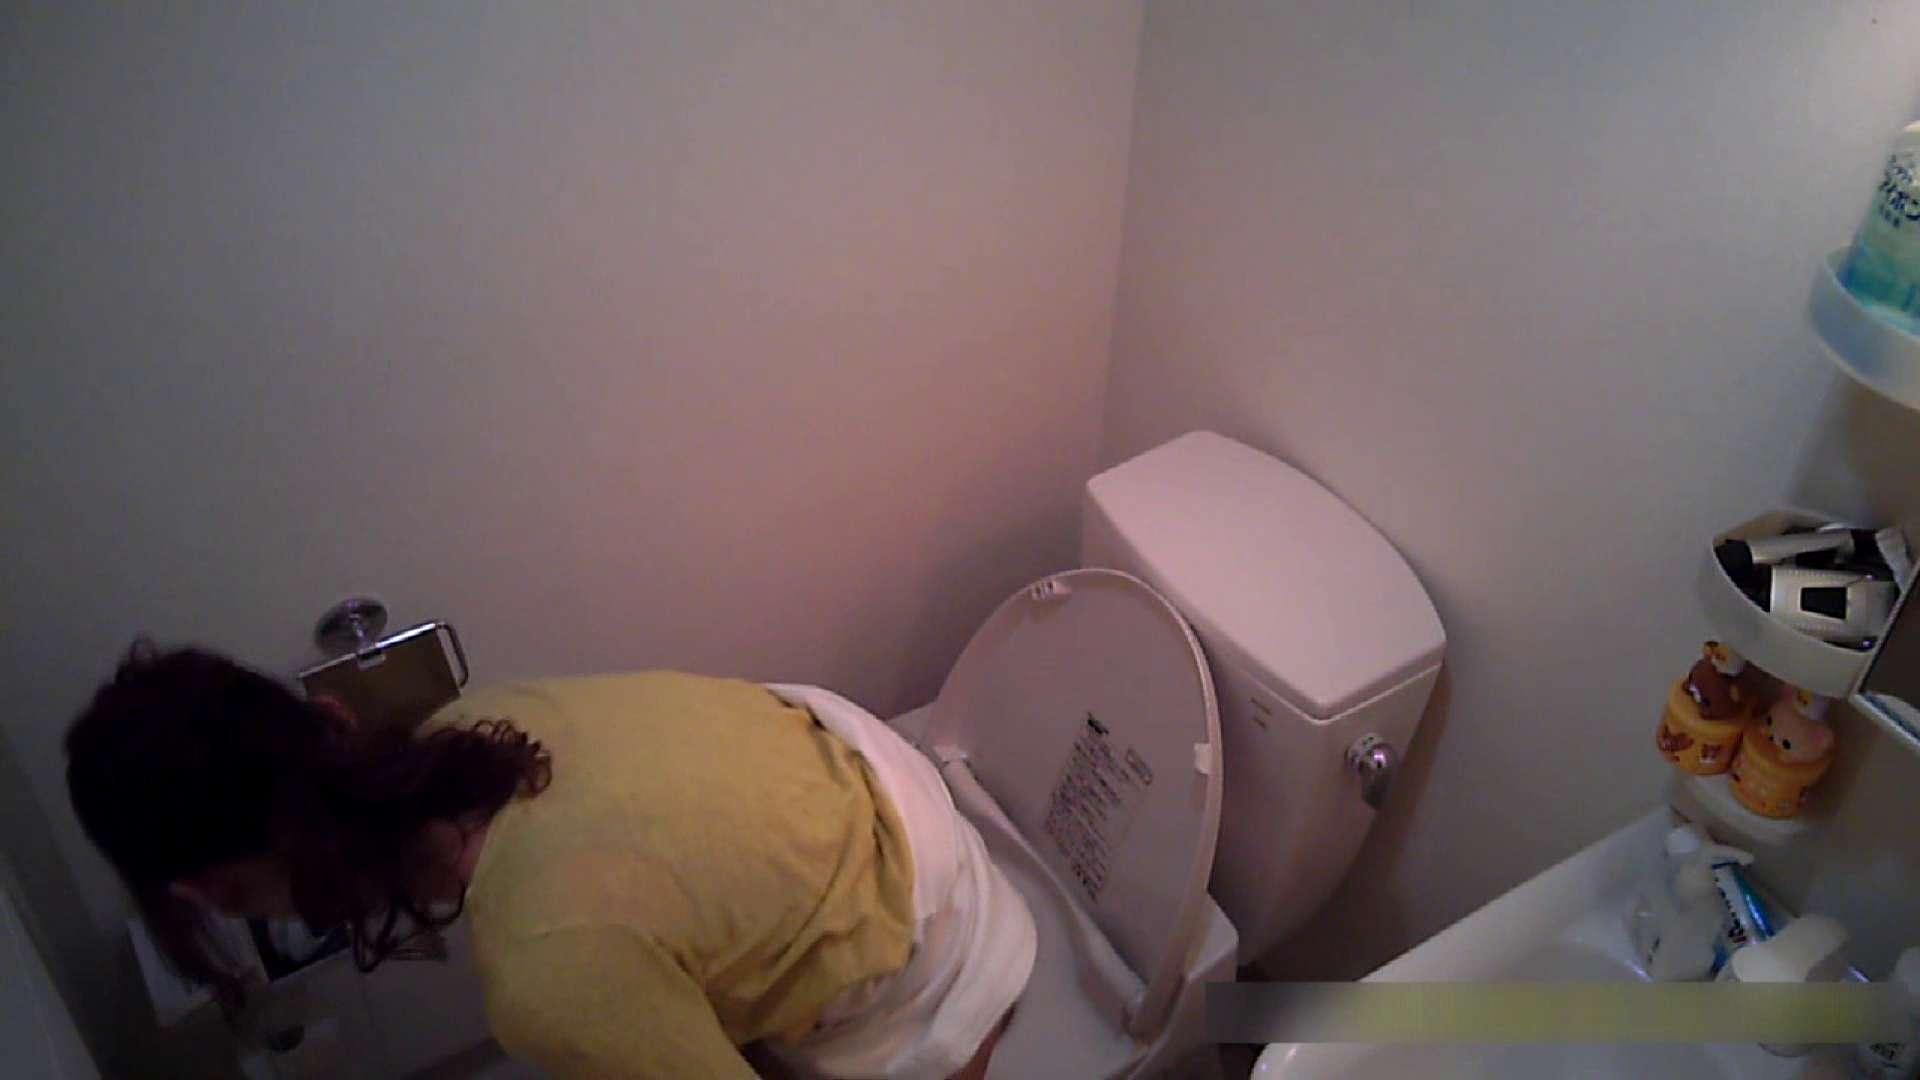 乳首大き目の24歳Y子 トイレ編 トイレのぞき オマンコ無修正動画無料 113画像 95